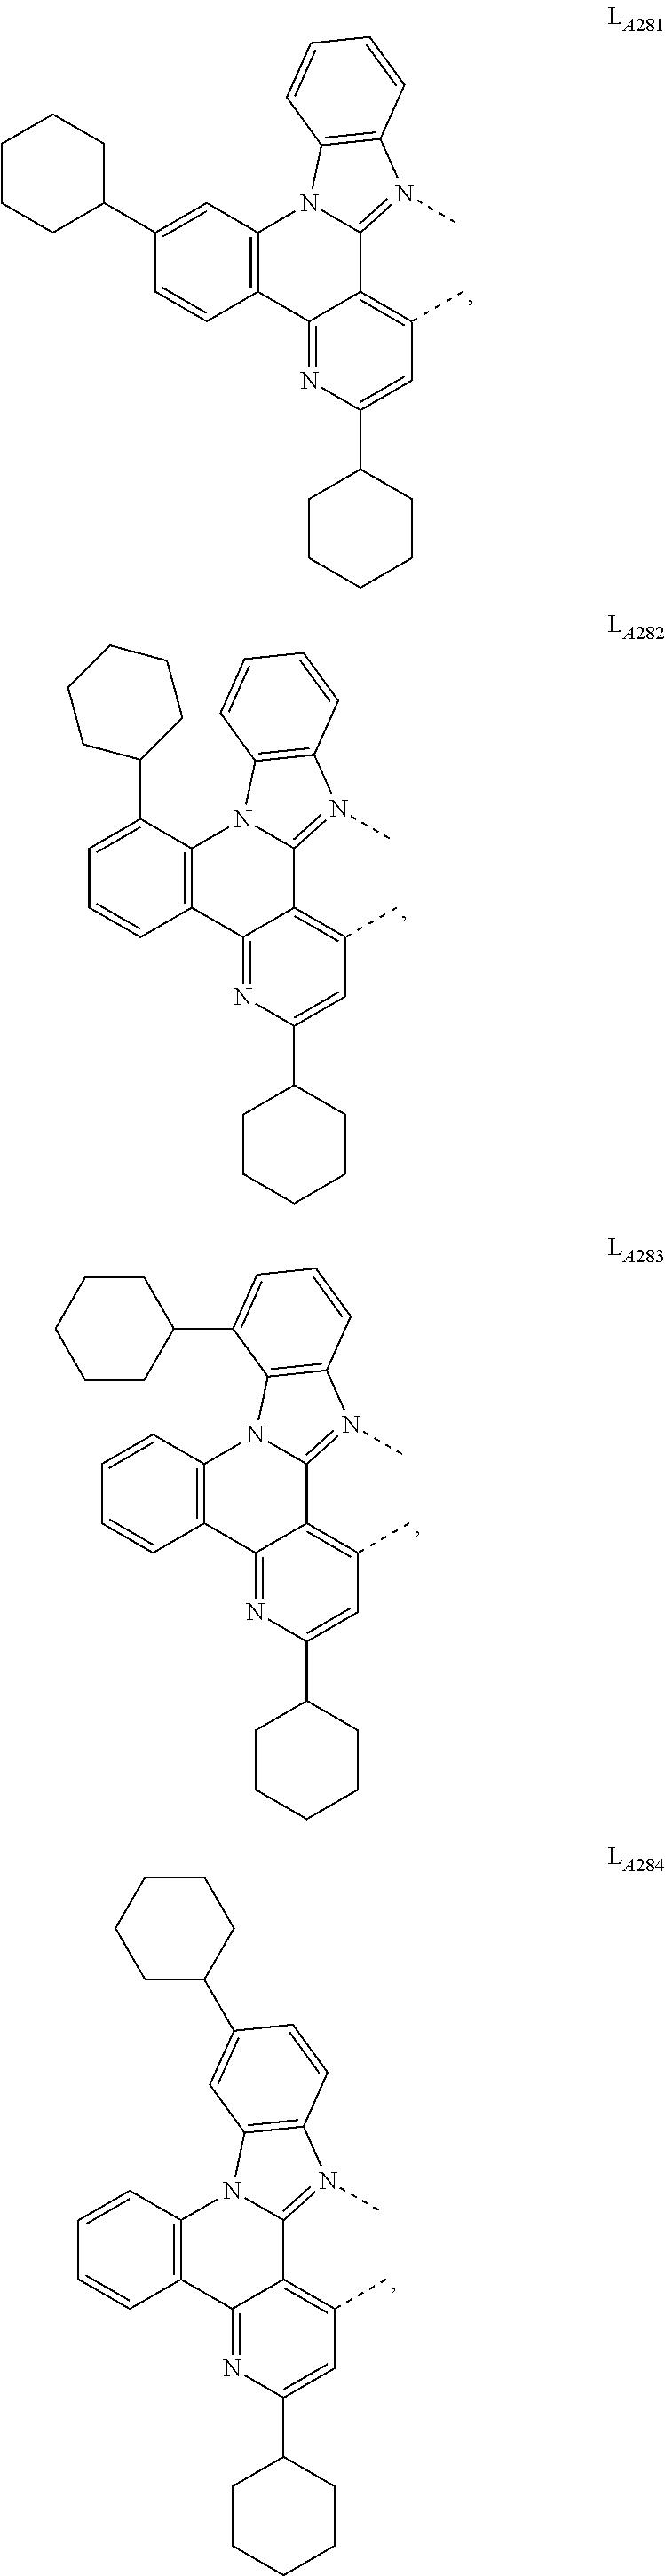 Figure US09905785-20180227-C00485